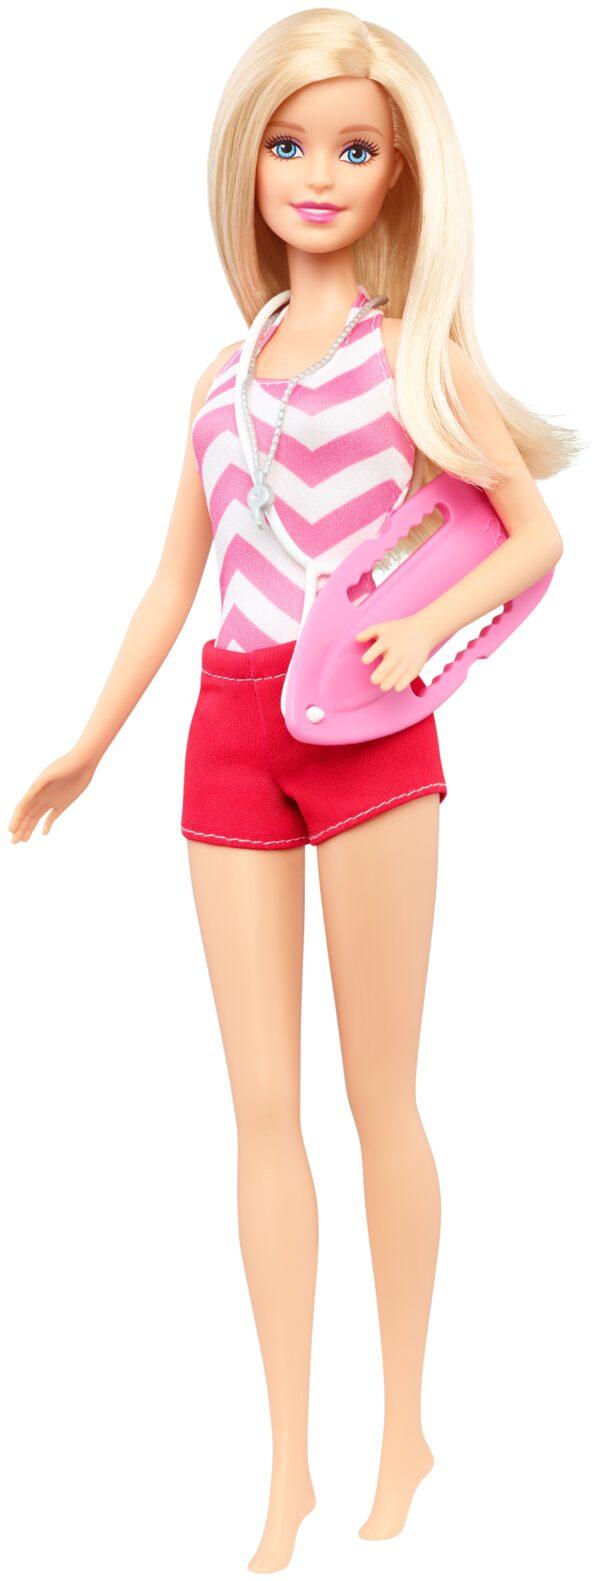 Barbie ALTRI Barbie Carriere Assortimento Femmina 12-36 Mesi, 3-5 Anni